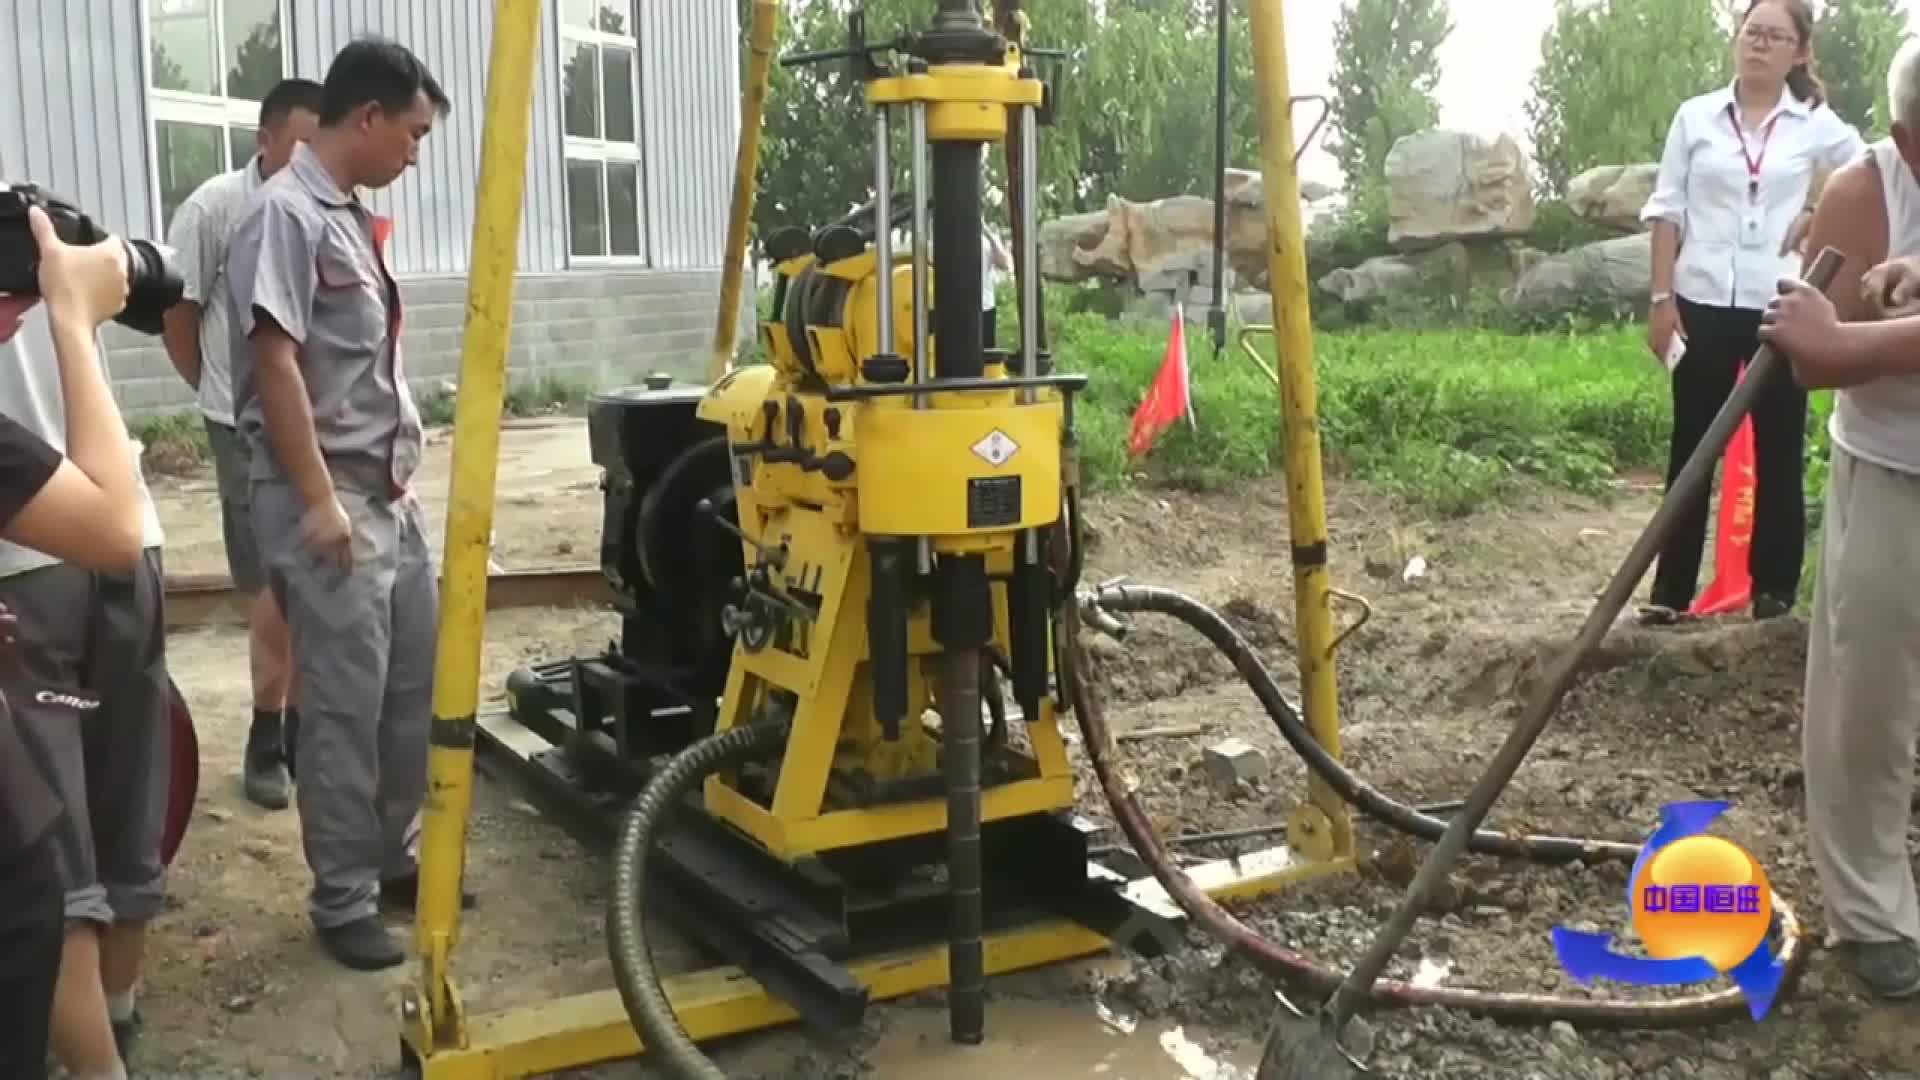 Çin 150m mühendislik makineleri maden kuyu su kuyusu sondaj kulesi üretmektedir